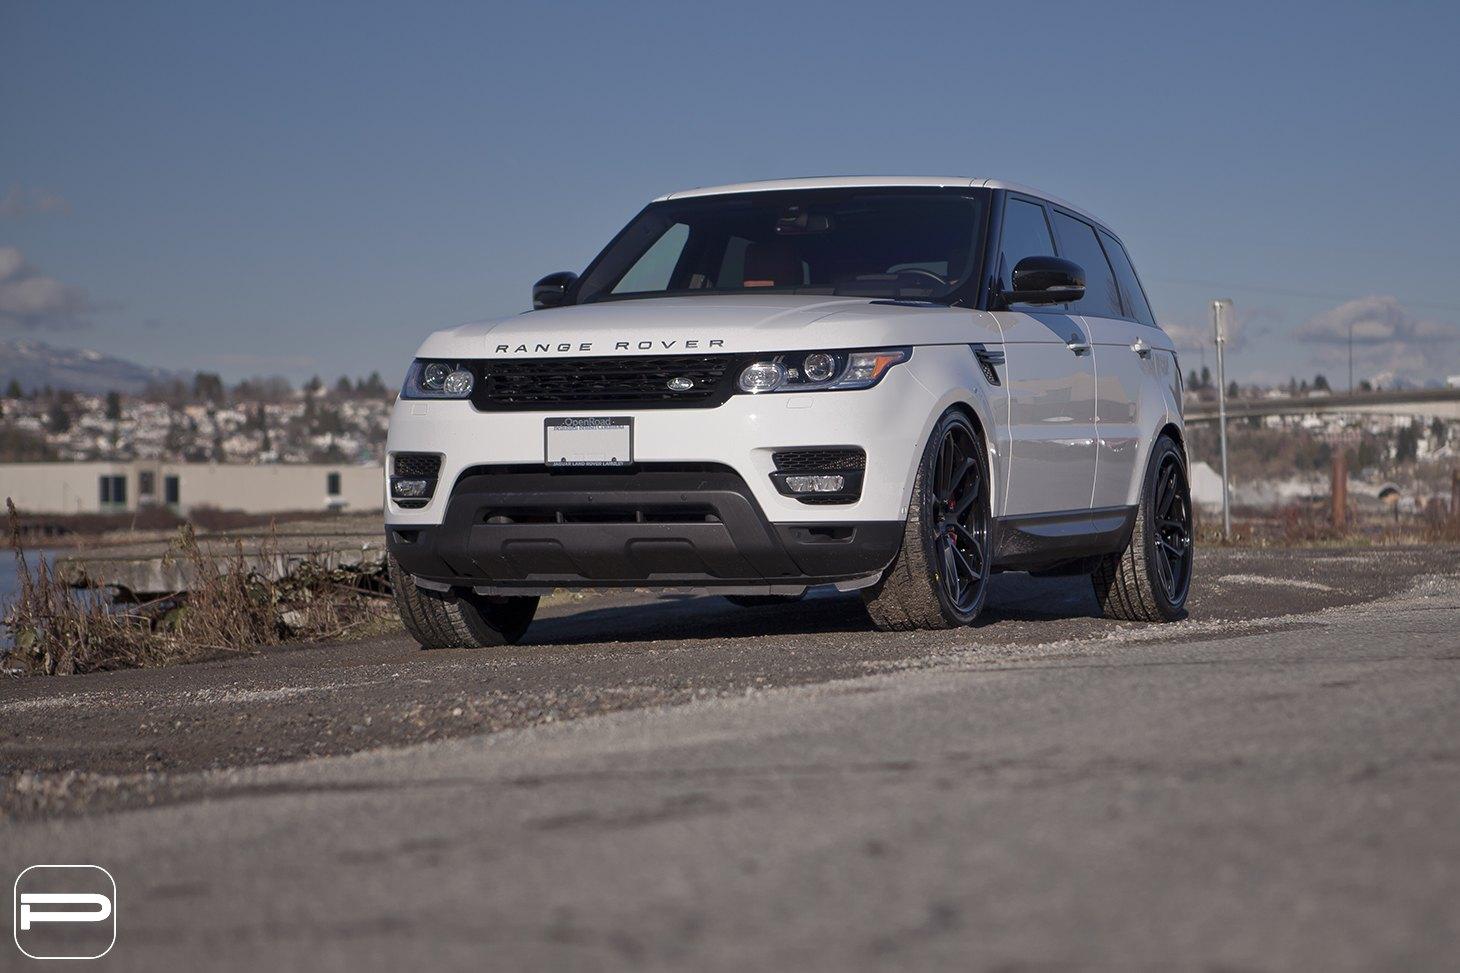 2018 Discovery Sport Interior >> Custom 2018 Land Rover Range Rover Sport   Images, Mods, Photos, Upgrades — CARiD.com Gallery